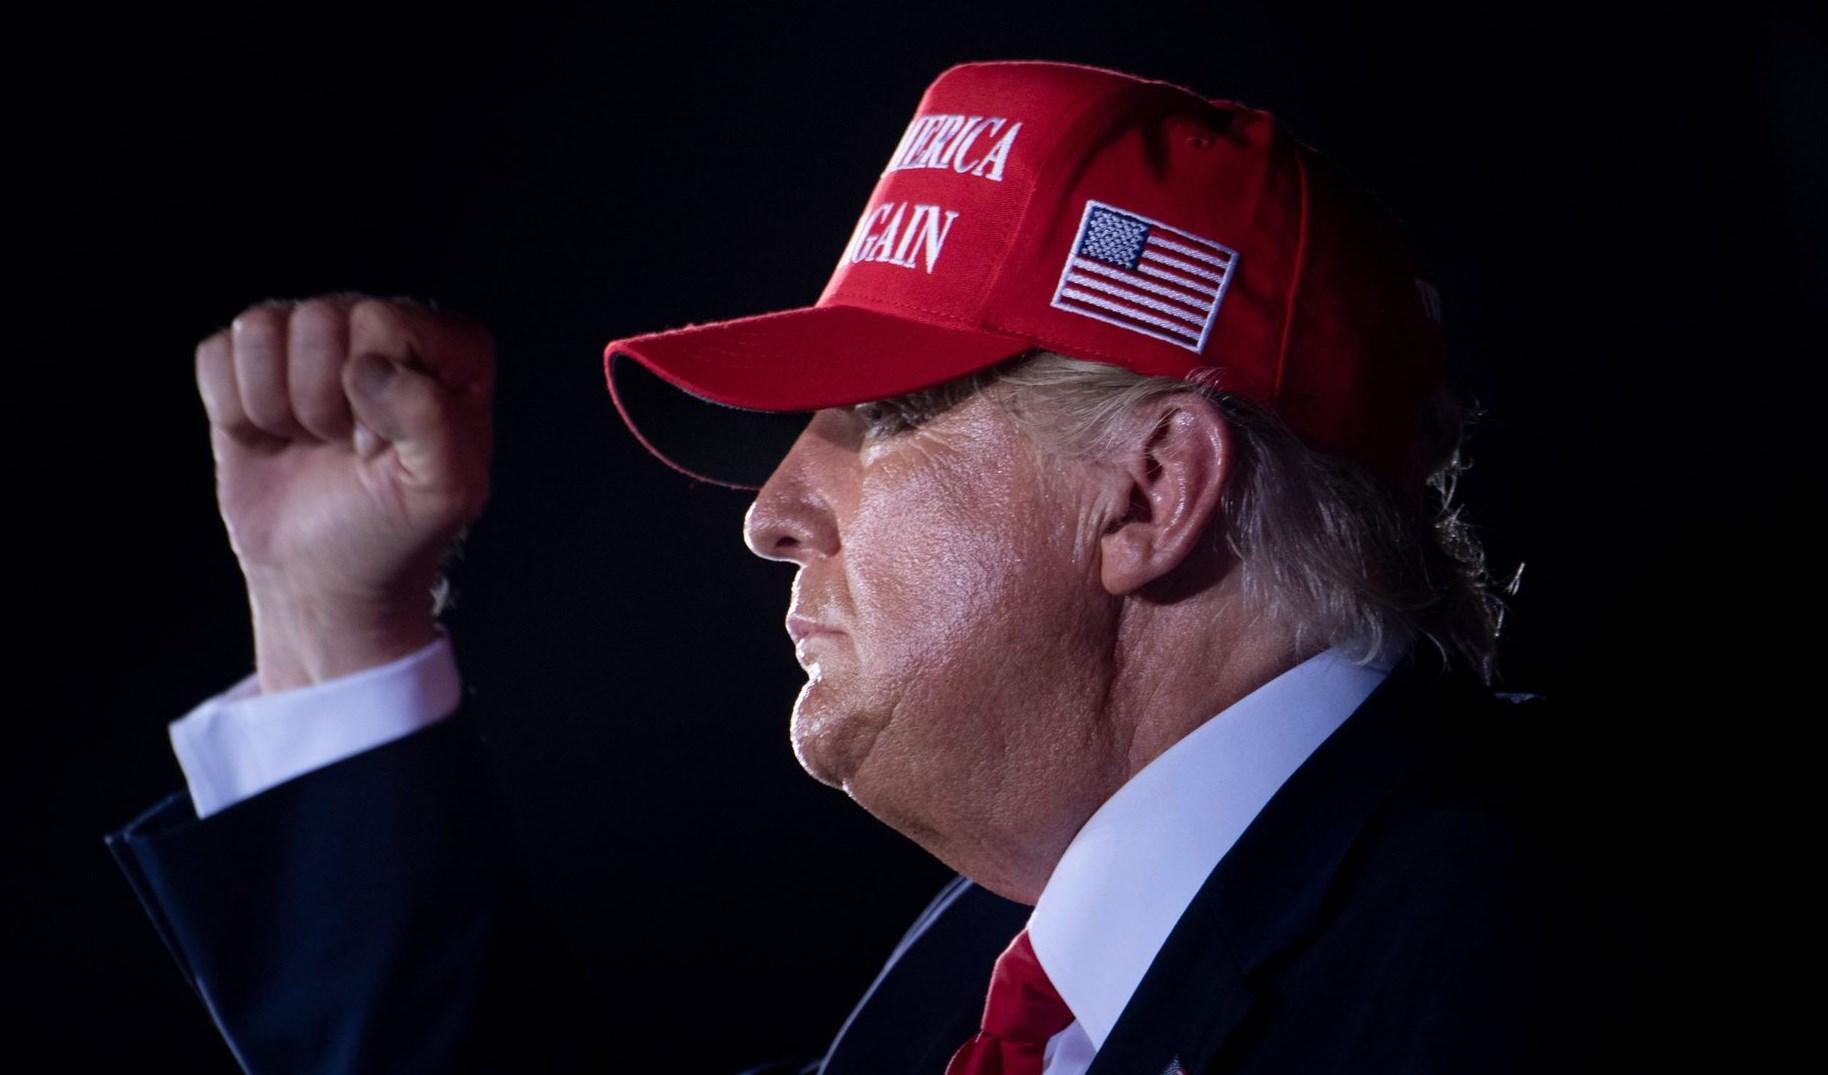 سيبقى ترامب محبوباً لدى جماهير الحزب الديمقراطي عام 2024.